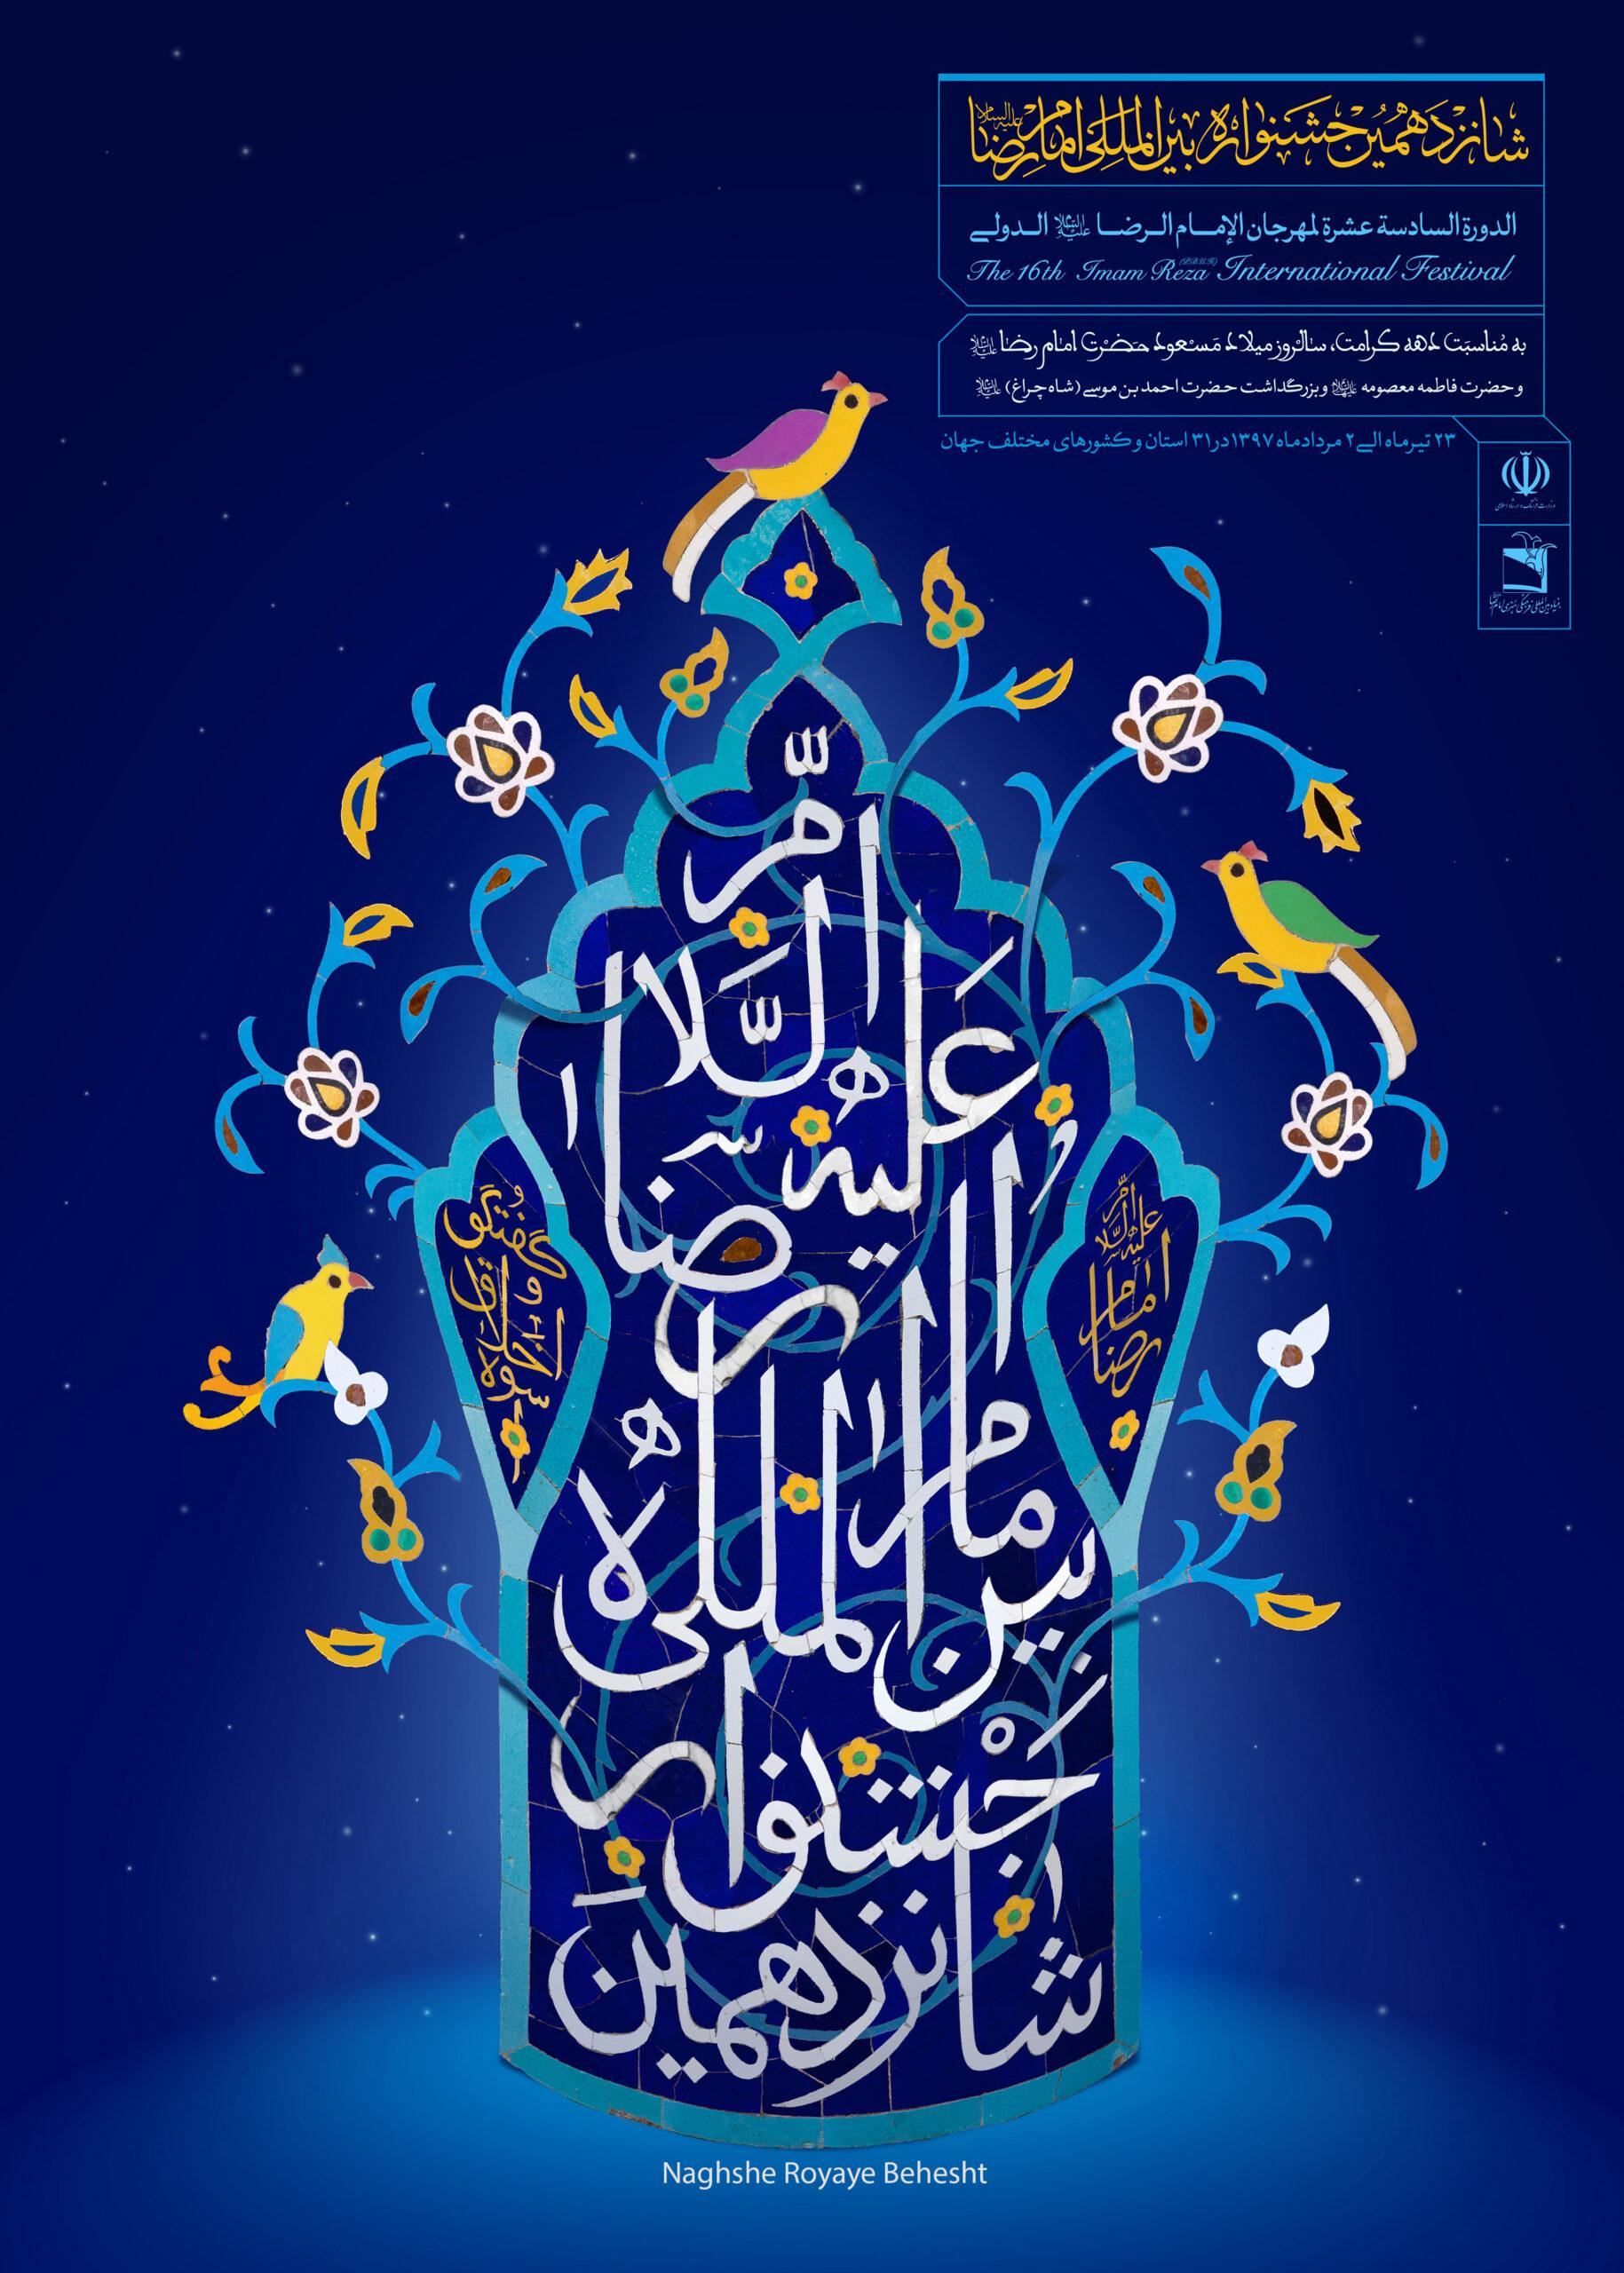 پوستر شانزدهمین جشنواره بین المللی امام رضا (ع)